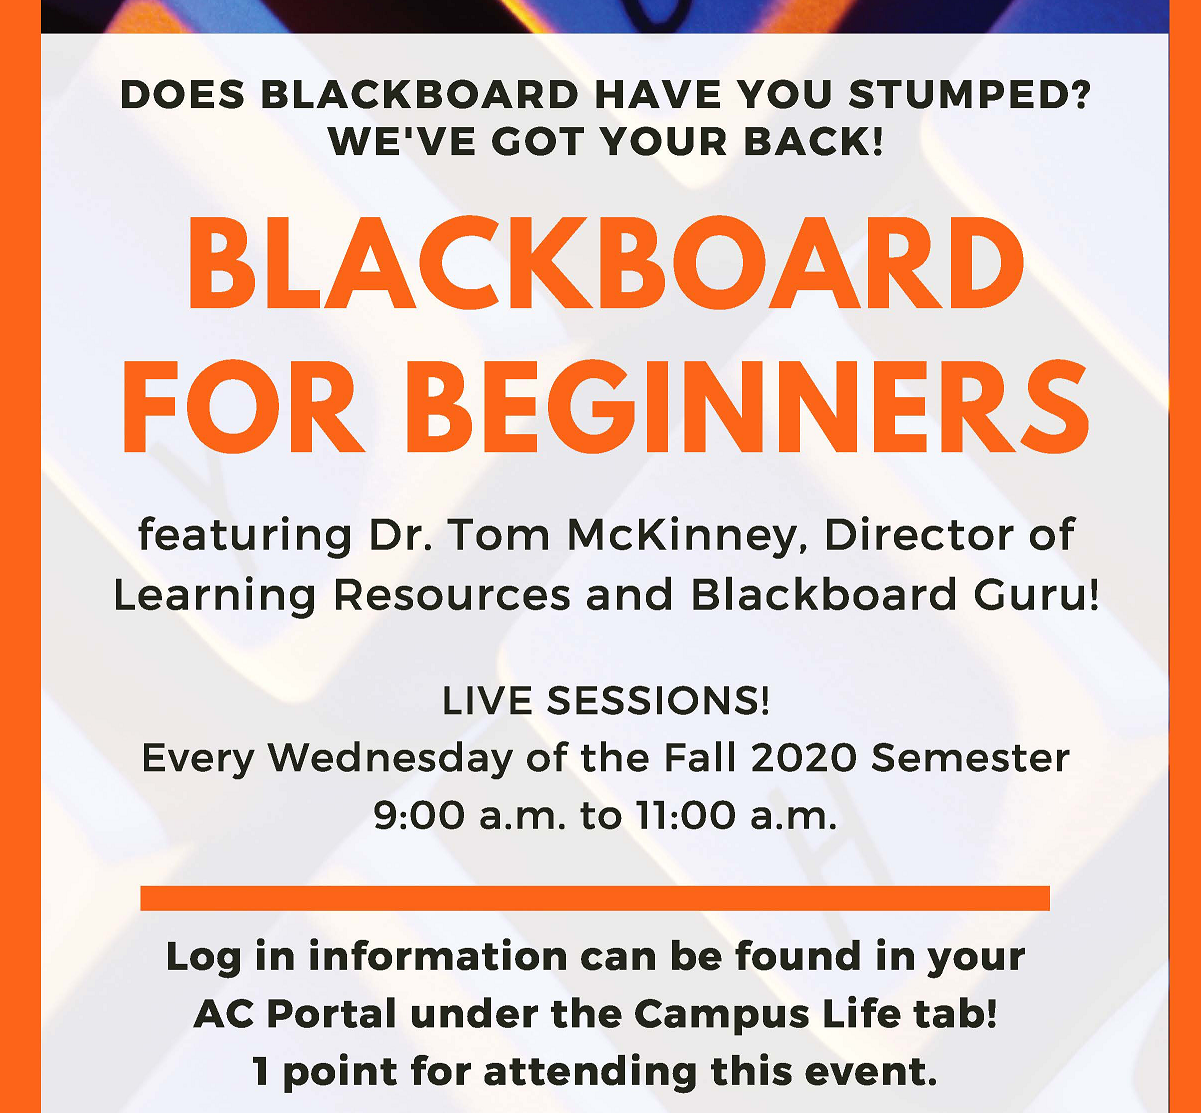 Blackboard for Beginners